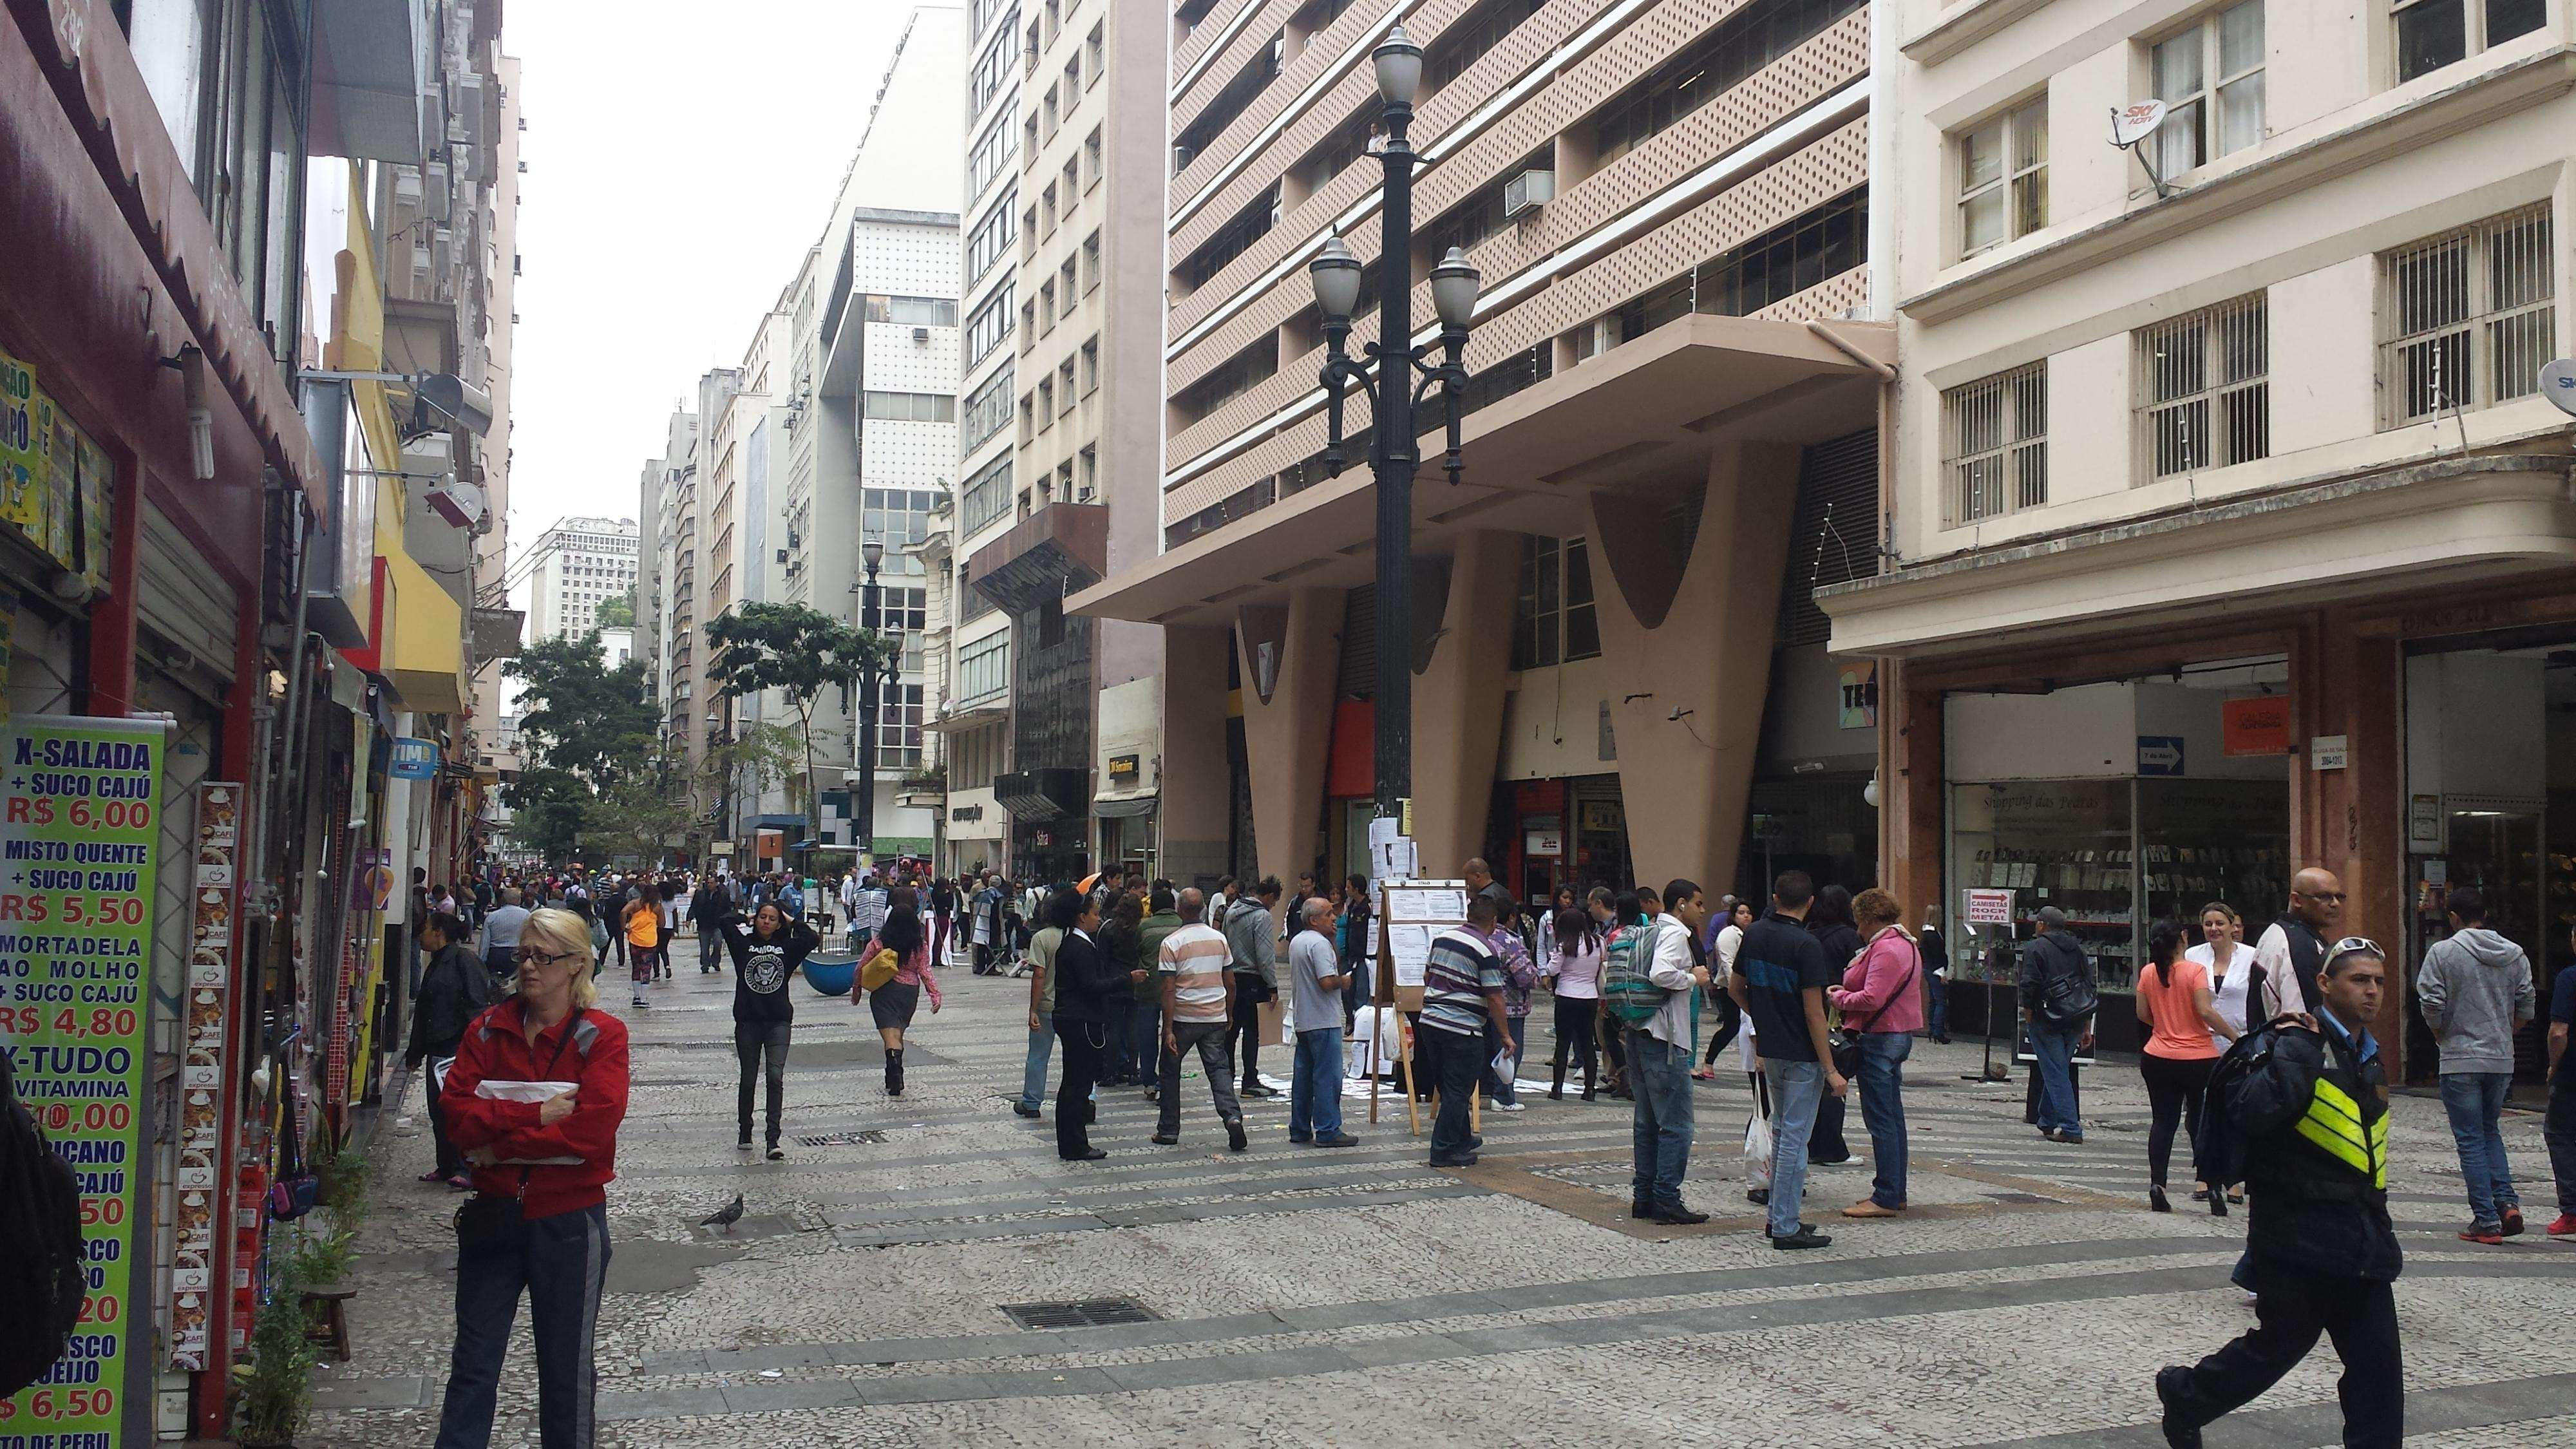 Centro de São Paulo tem manhã tranquila após caos vivido na terça-feira Foto: Thiago Tufano/Terra